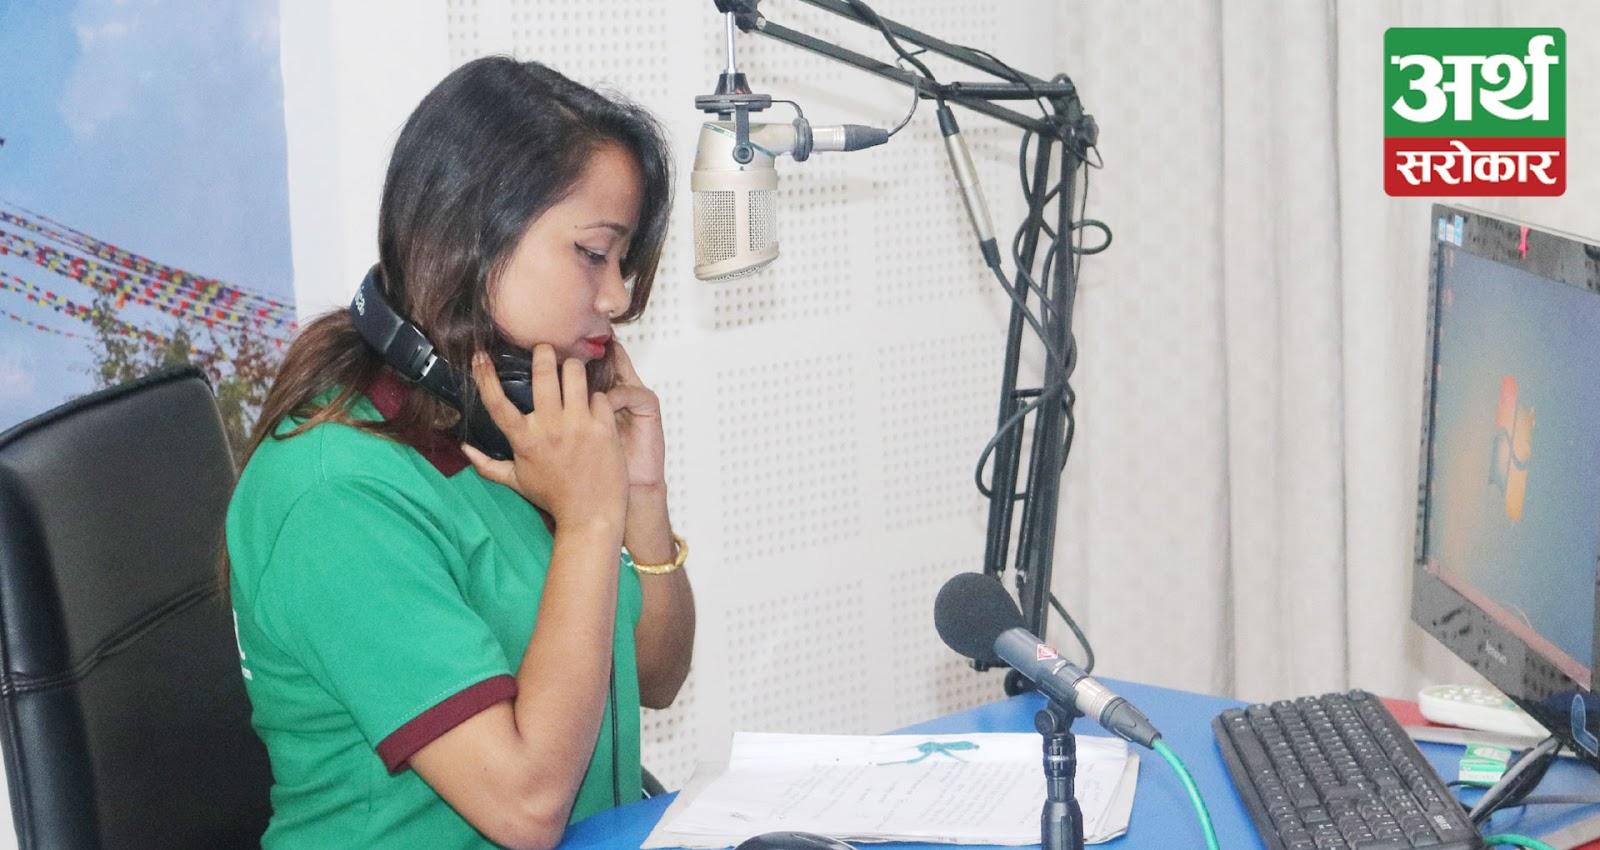 रेडियो सञ्चालकहरुका लागि जानकारी : अर्थ सरोकारमा तपाईंको रेडियोको स्ट्रिम बजाउने प्रक्रिया के छ ? के गर्नुपर्छ ?